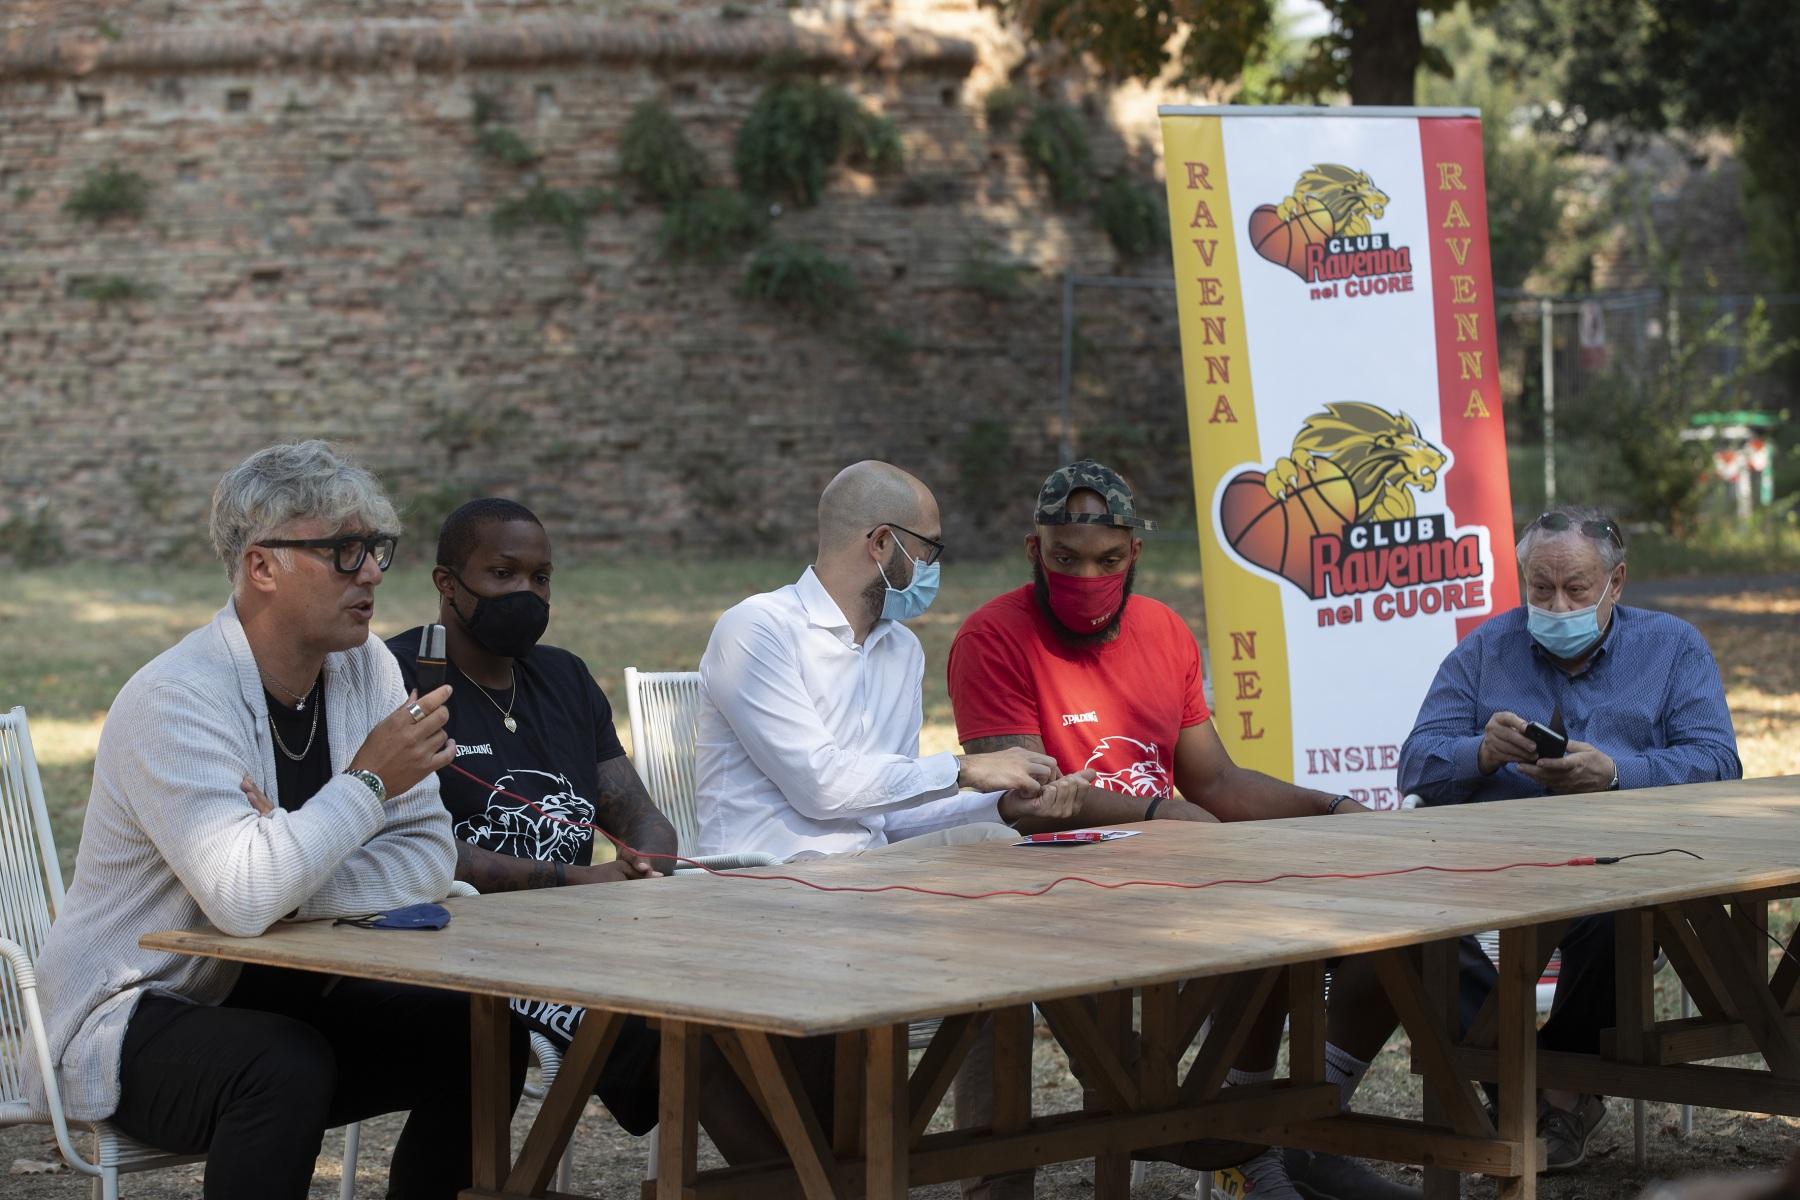 ORASI' BASKET RAVENNA. Alla Rocca Brancaleone conferenza stampa di presentazione di Ra'Shad James e Samme Givens, i due nuovi giocatori statunitensi dell'OraSì Ravenna.